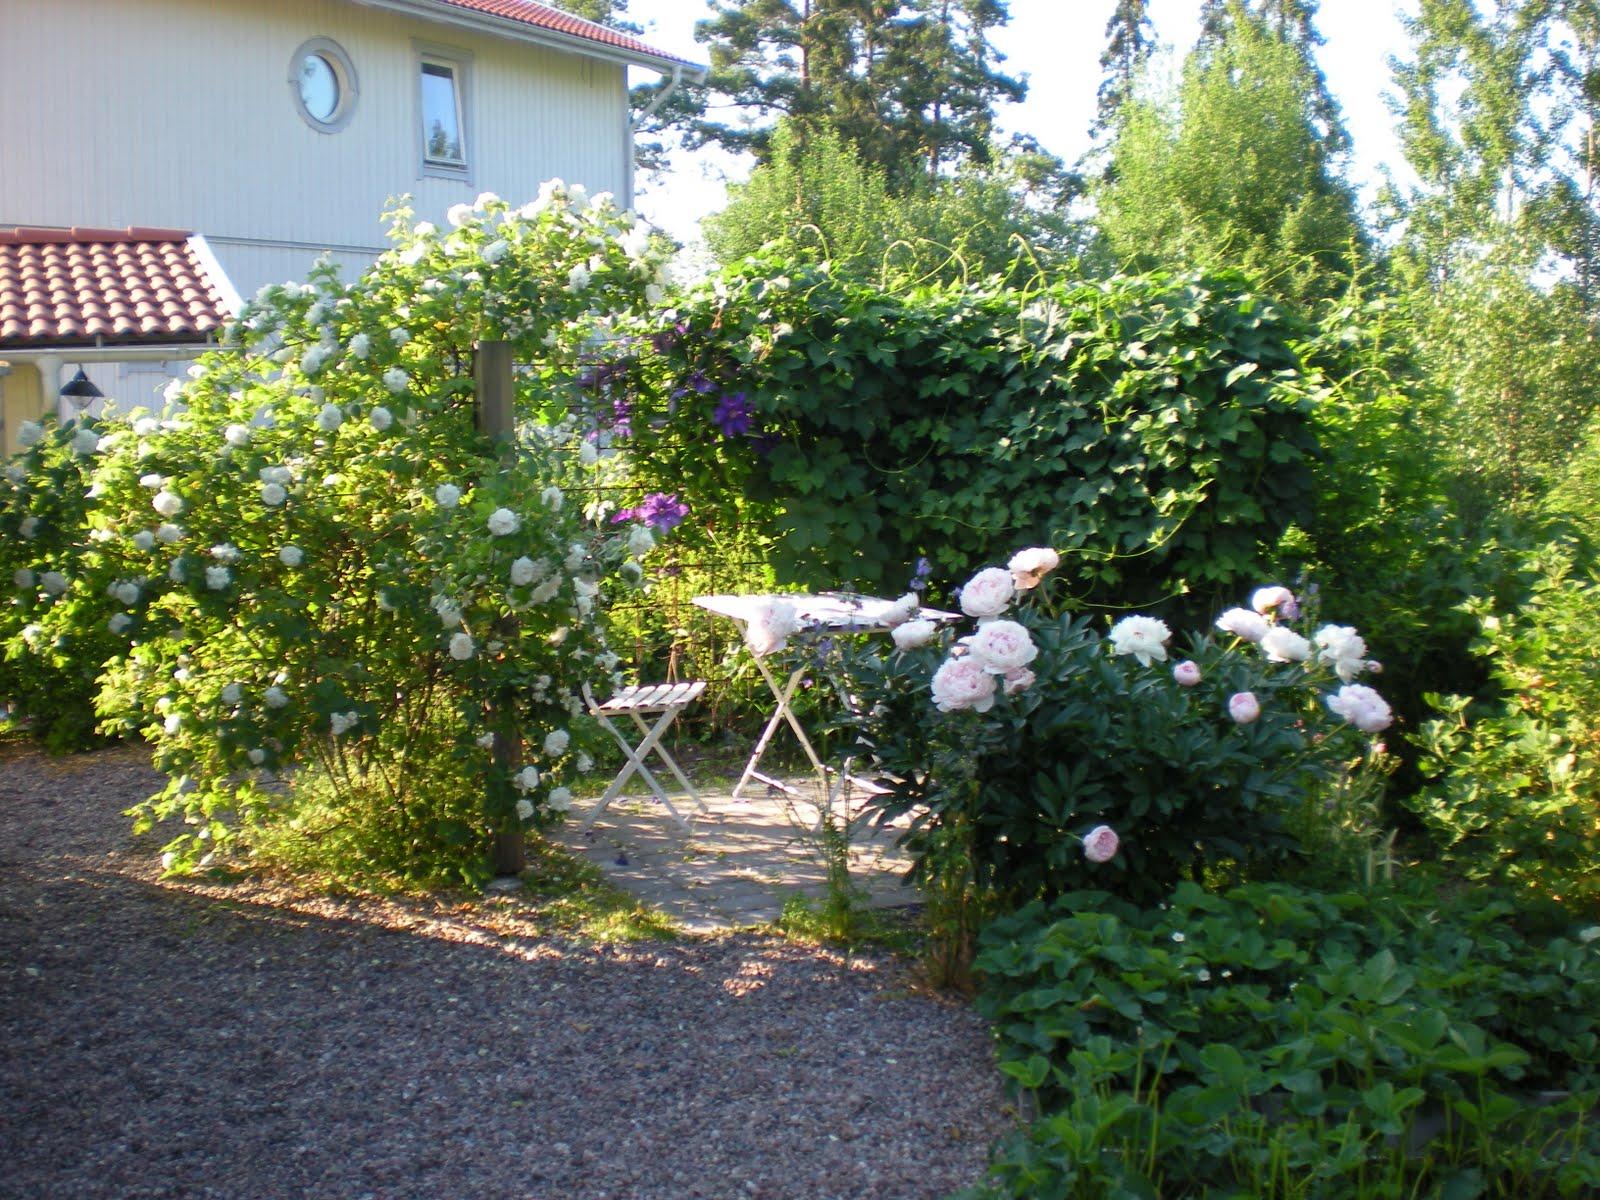 Trädgård på berget: Blommande växter